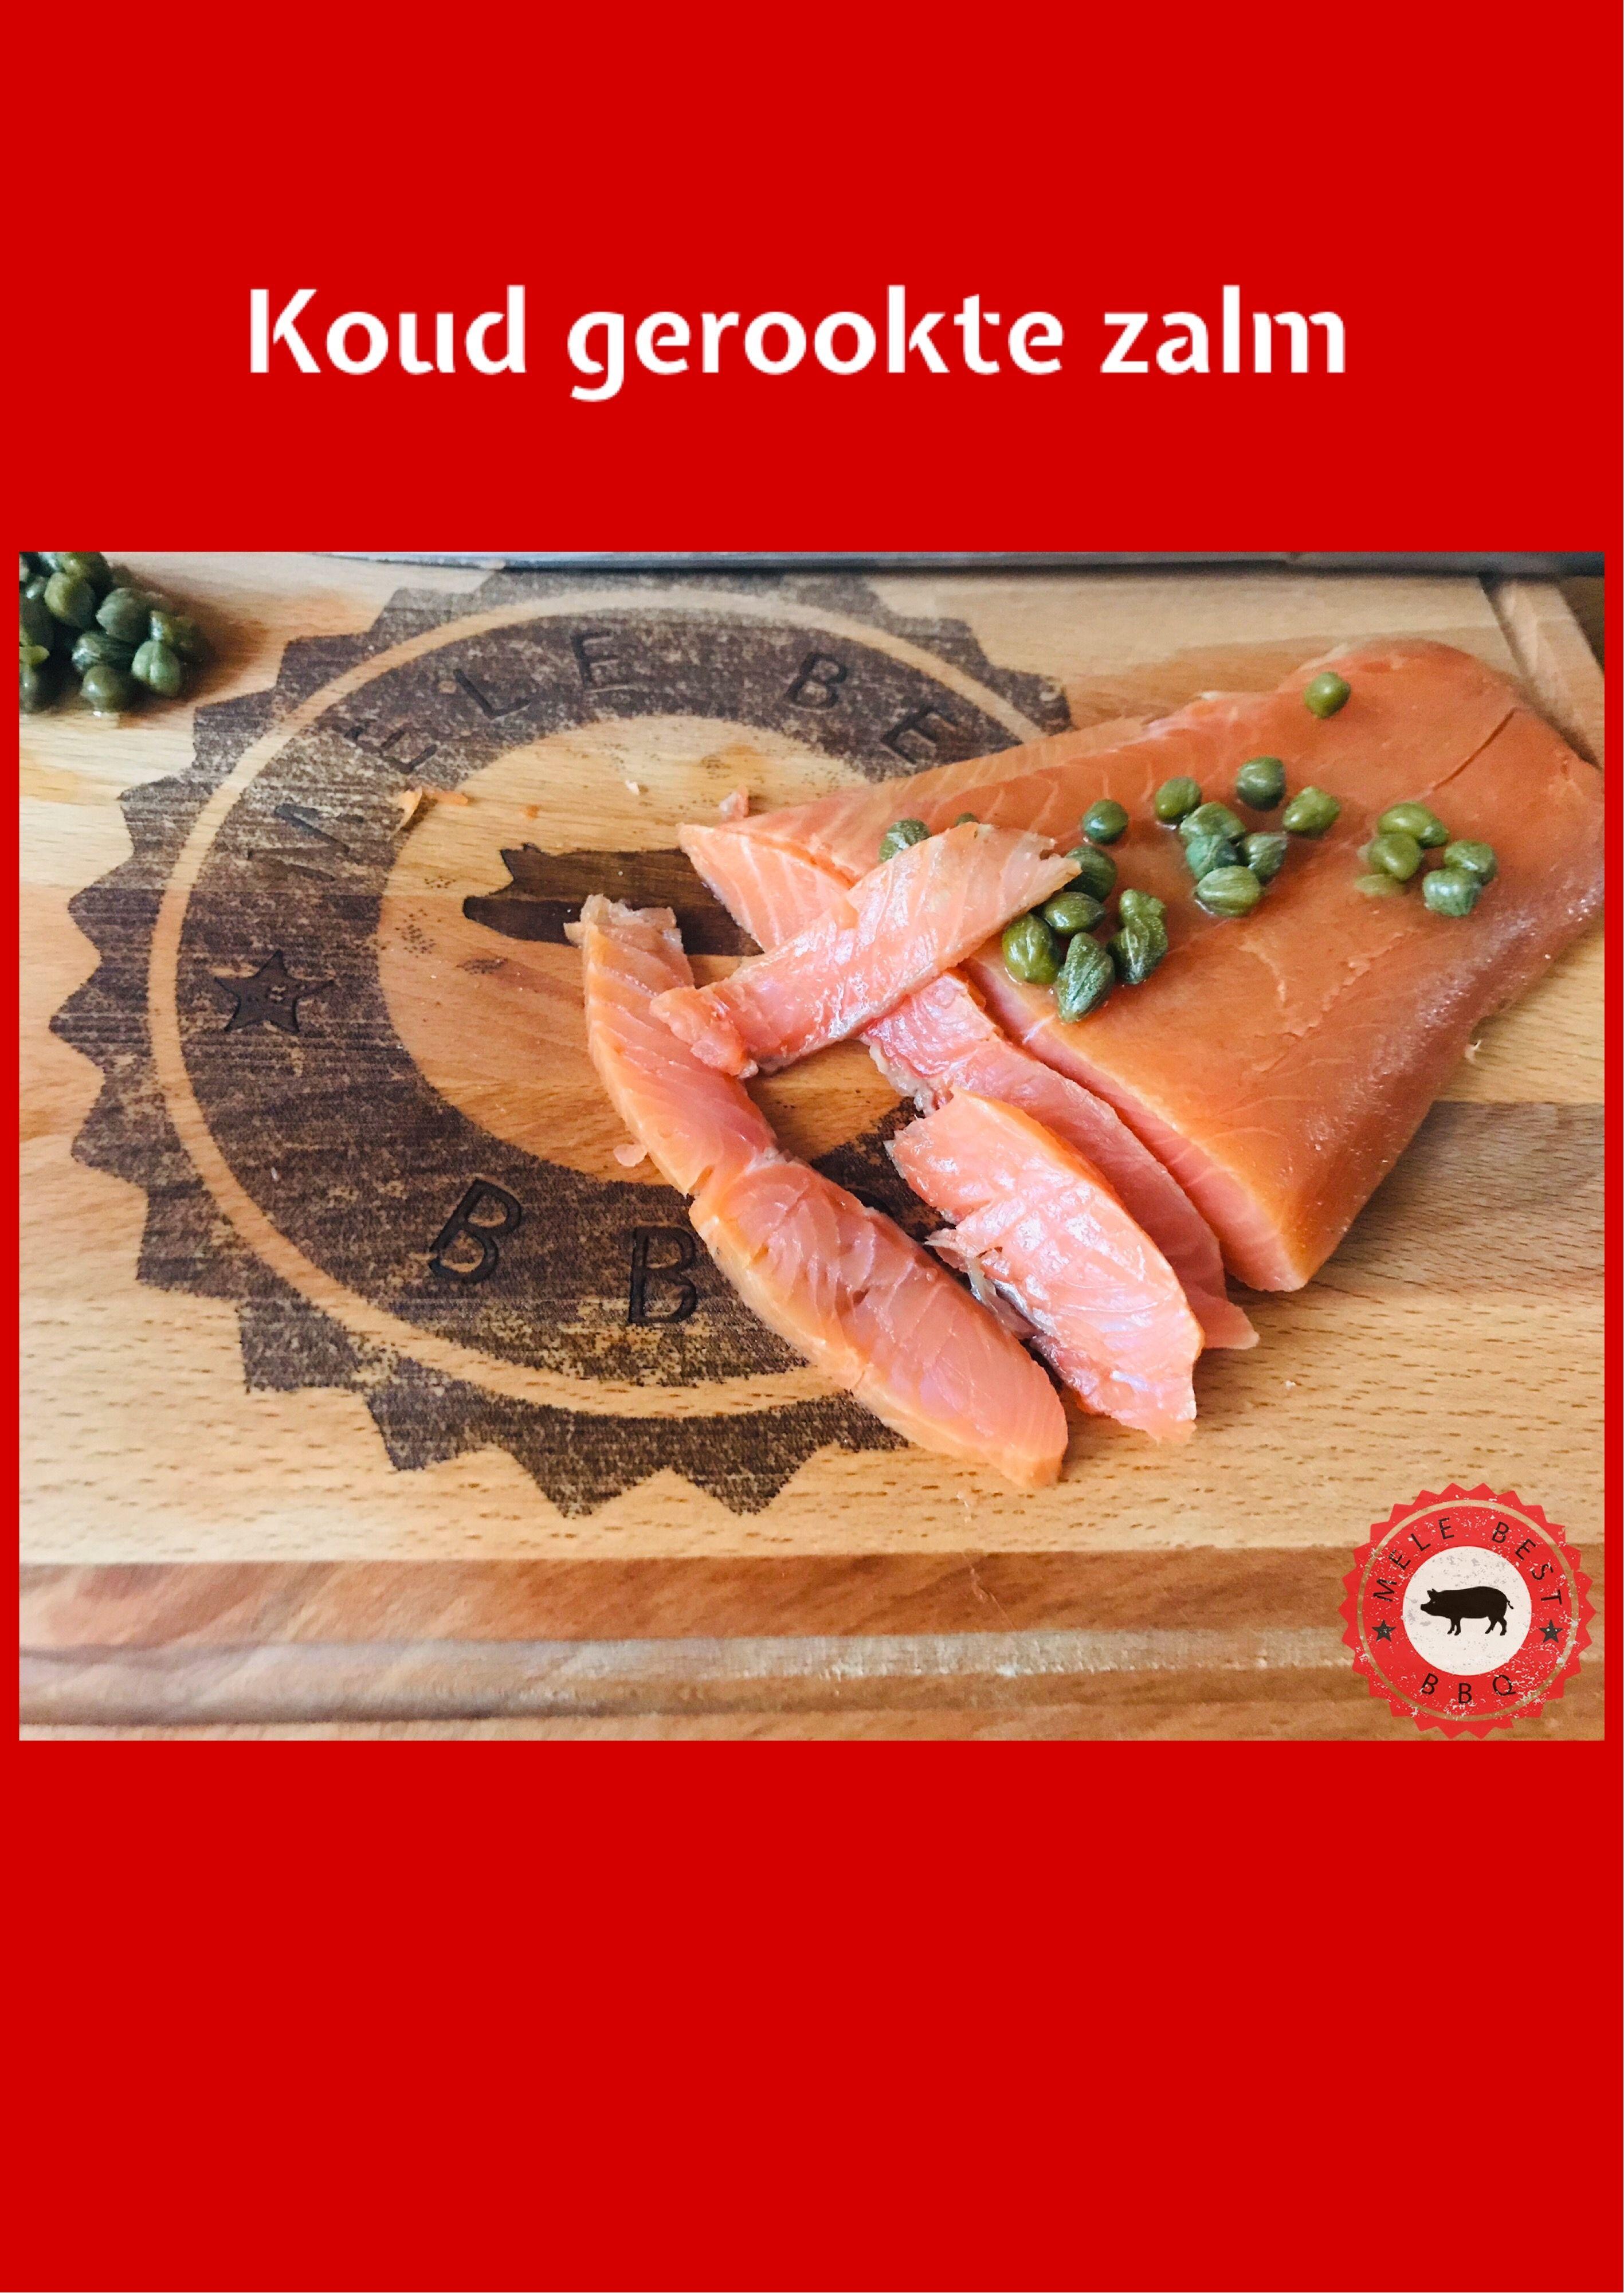 Pin van Frederique Ligthart op Eten in 2020 | Lekker eten